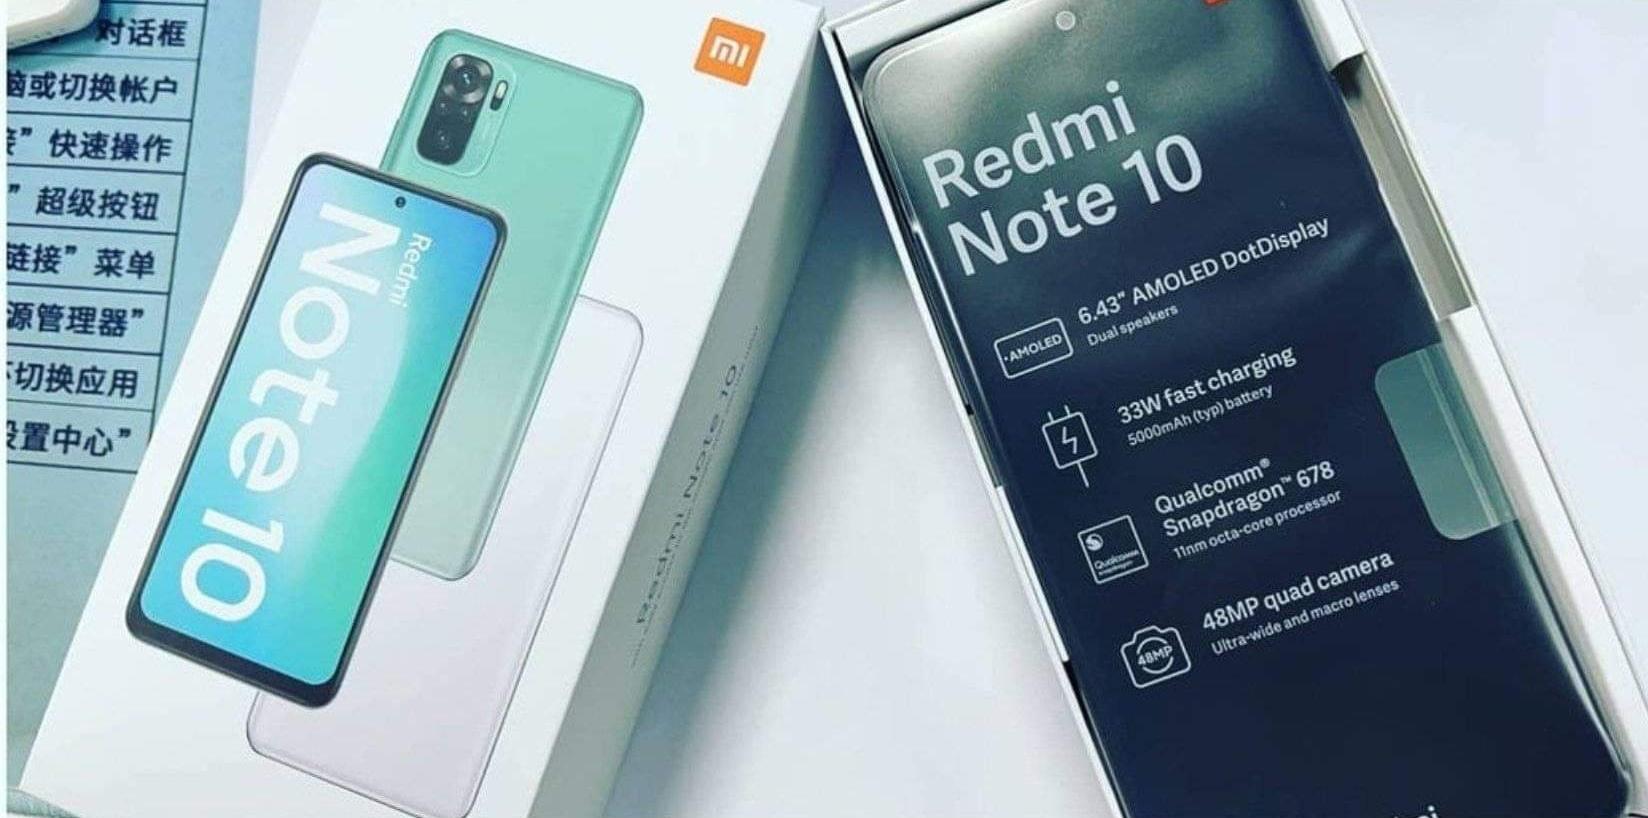 Никогда такого не было и вот опять: в сети появилось видео с распаковкой ещё неанонсированного смартфона Redmi Note 10